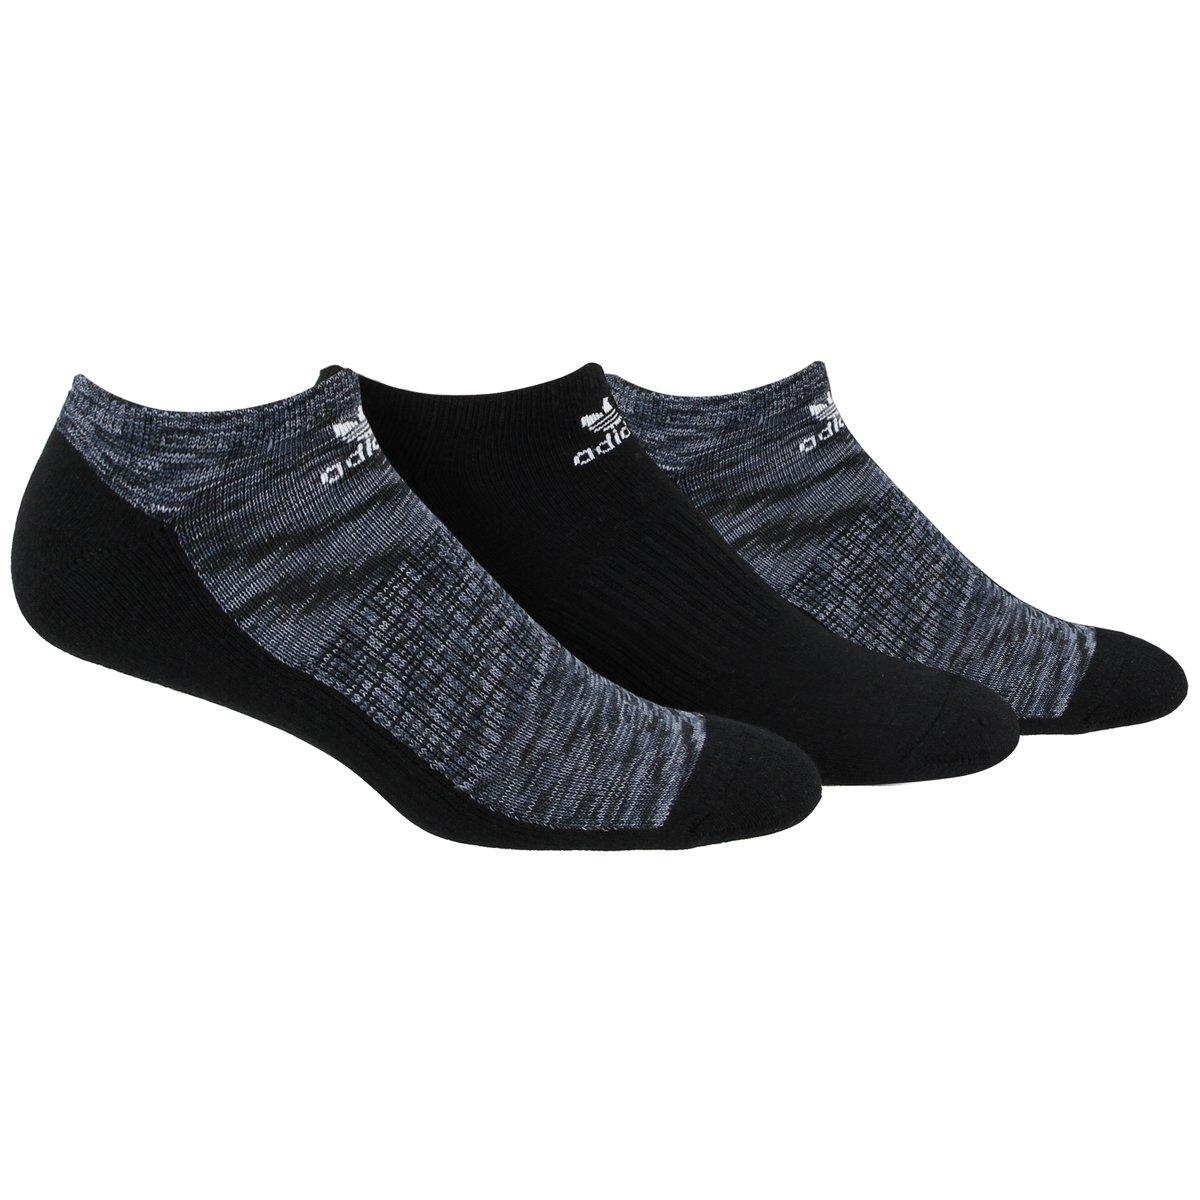 adidas Originals - Hombres De No Show calcetines (3 Pack), hombre, color Black Space Print/Grey/Onix/White Space, tamaño Large: Amazon.es: Deportes y aire ...